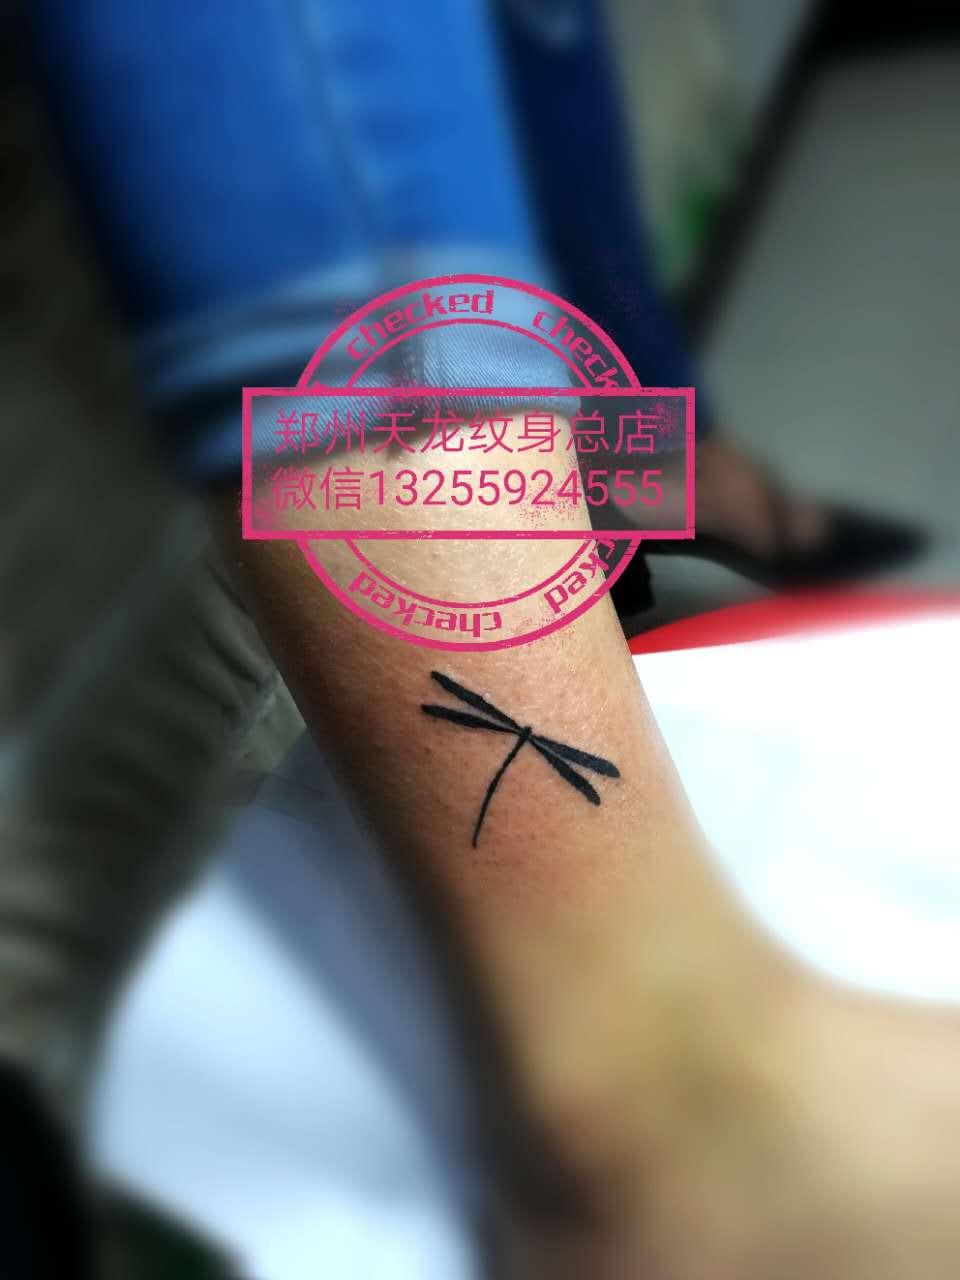 鄭州紋身價格  鄭州天龍價格透明|其它-鄭州天龍紋身工作室